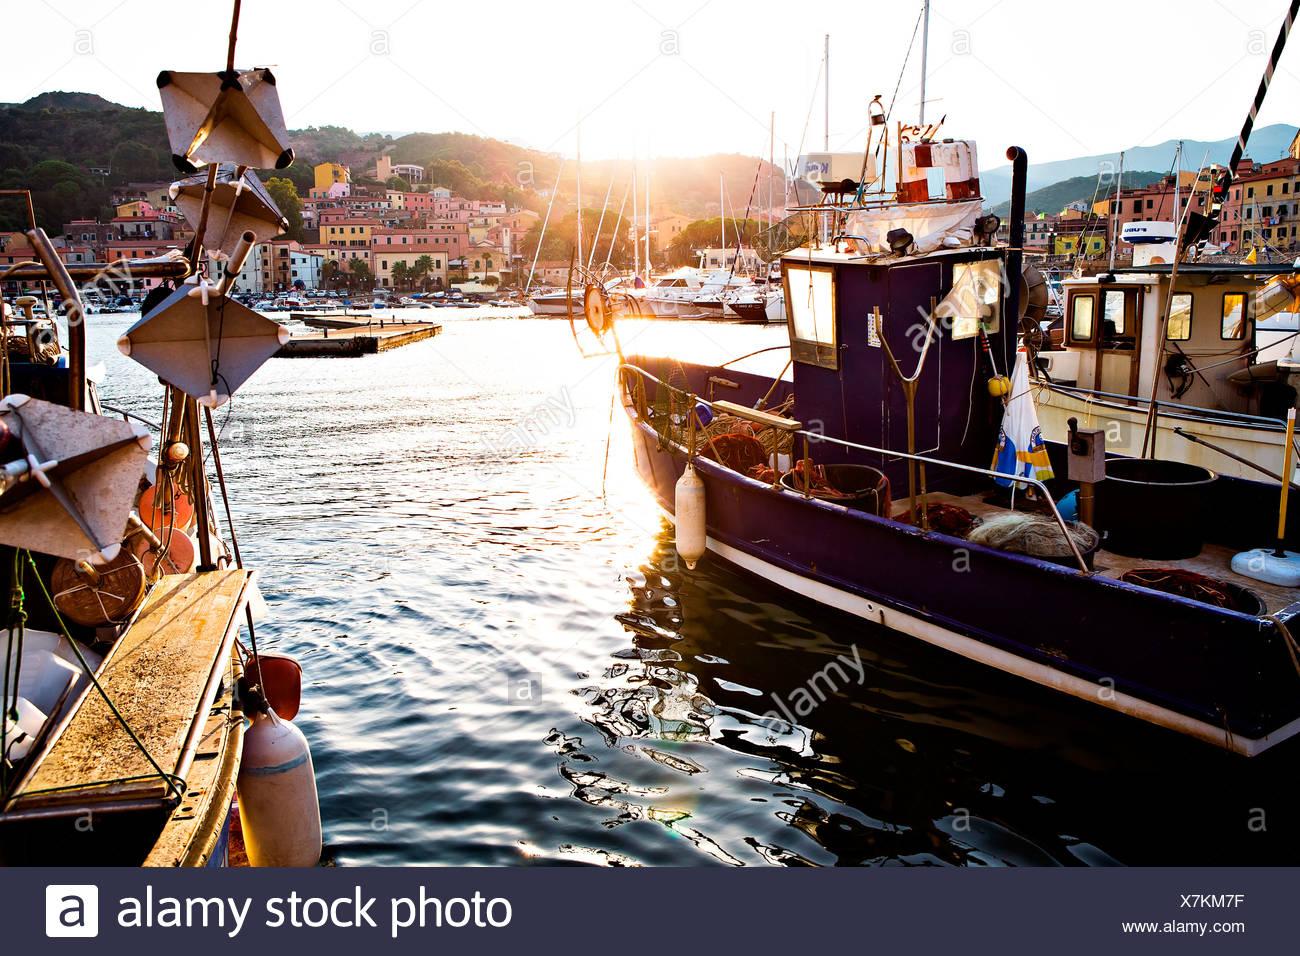 Port of Rio Marina, Elba Island, Italy, Europe Stock Photo